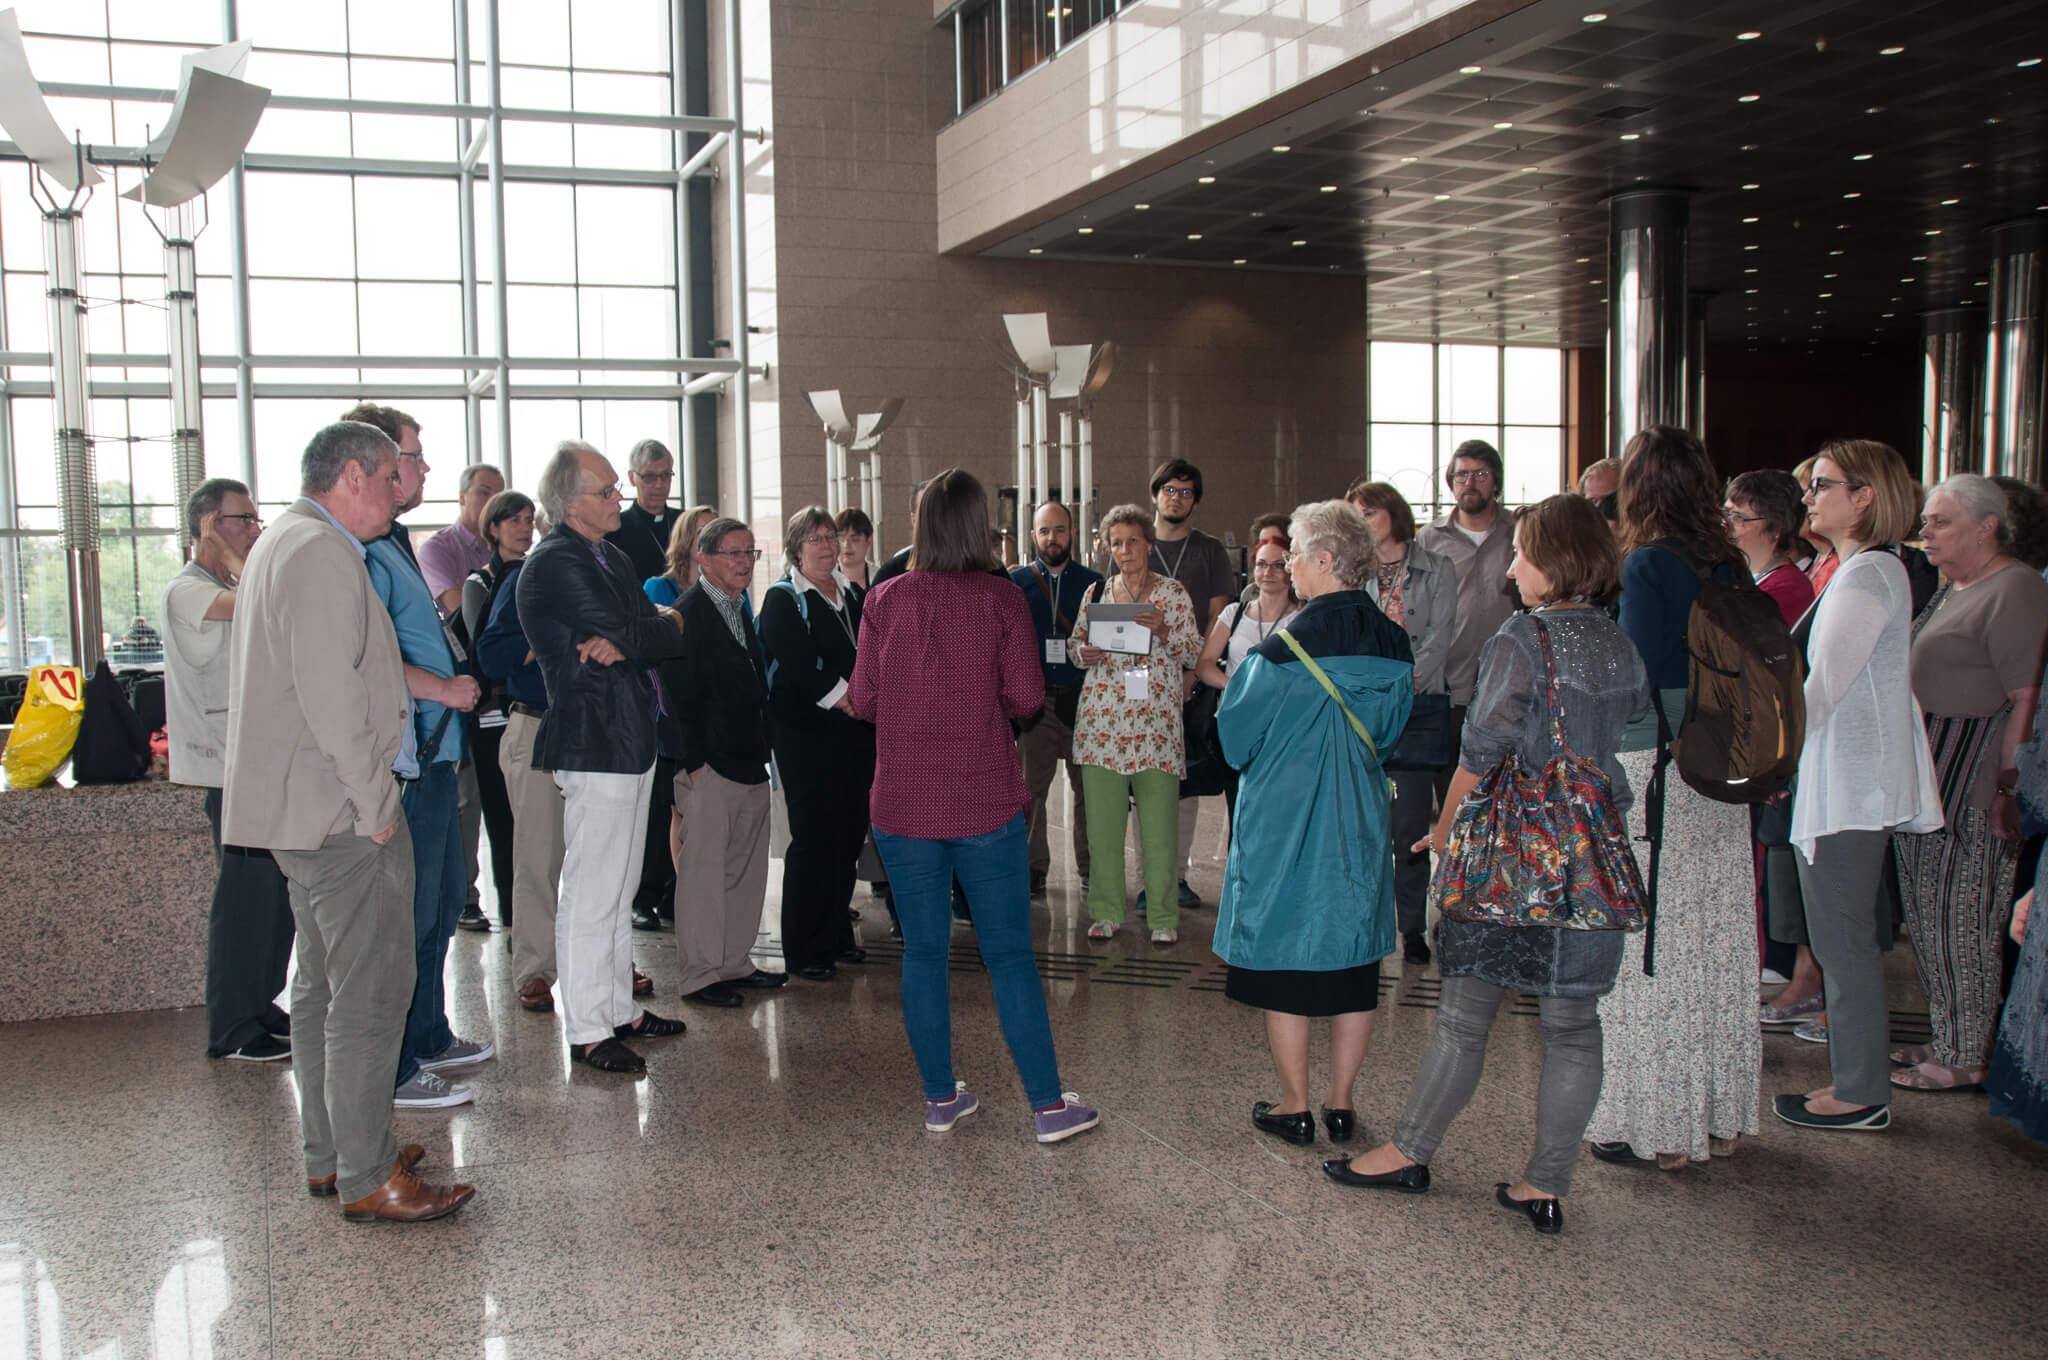 Sudionici konferencije BETH posjetili su Nacionalnu i sveučilišnu knjižnicu u Zagrebu.